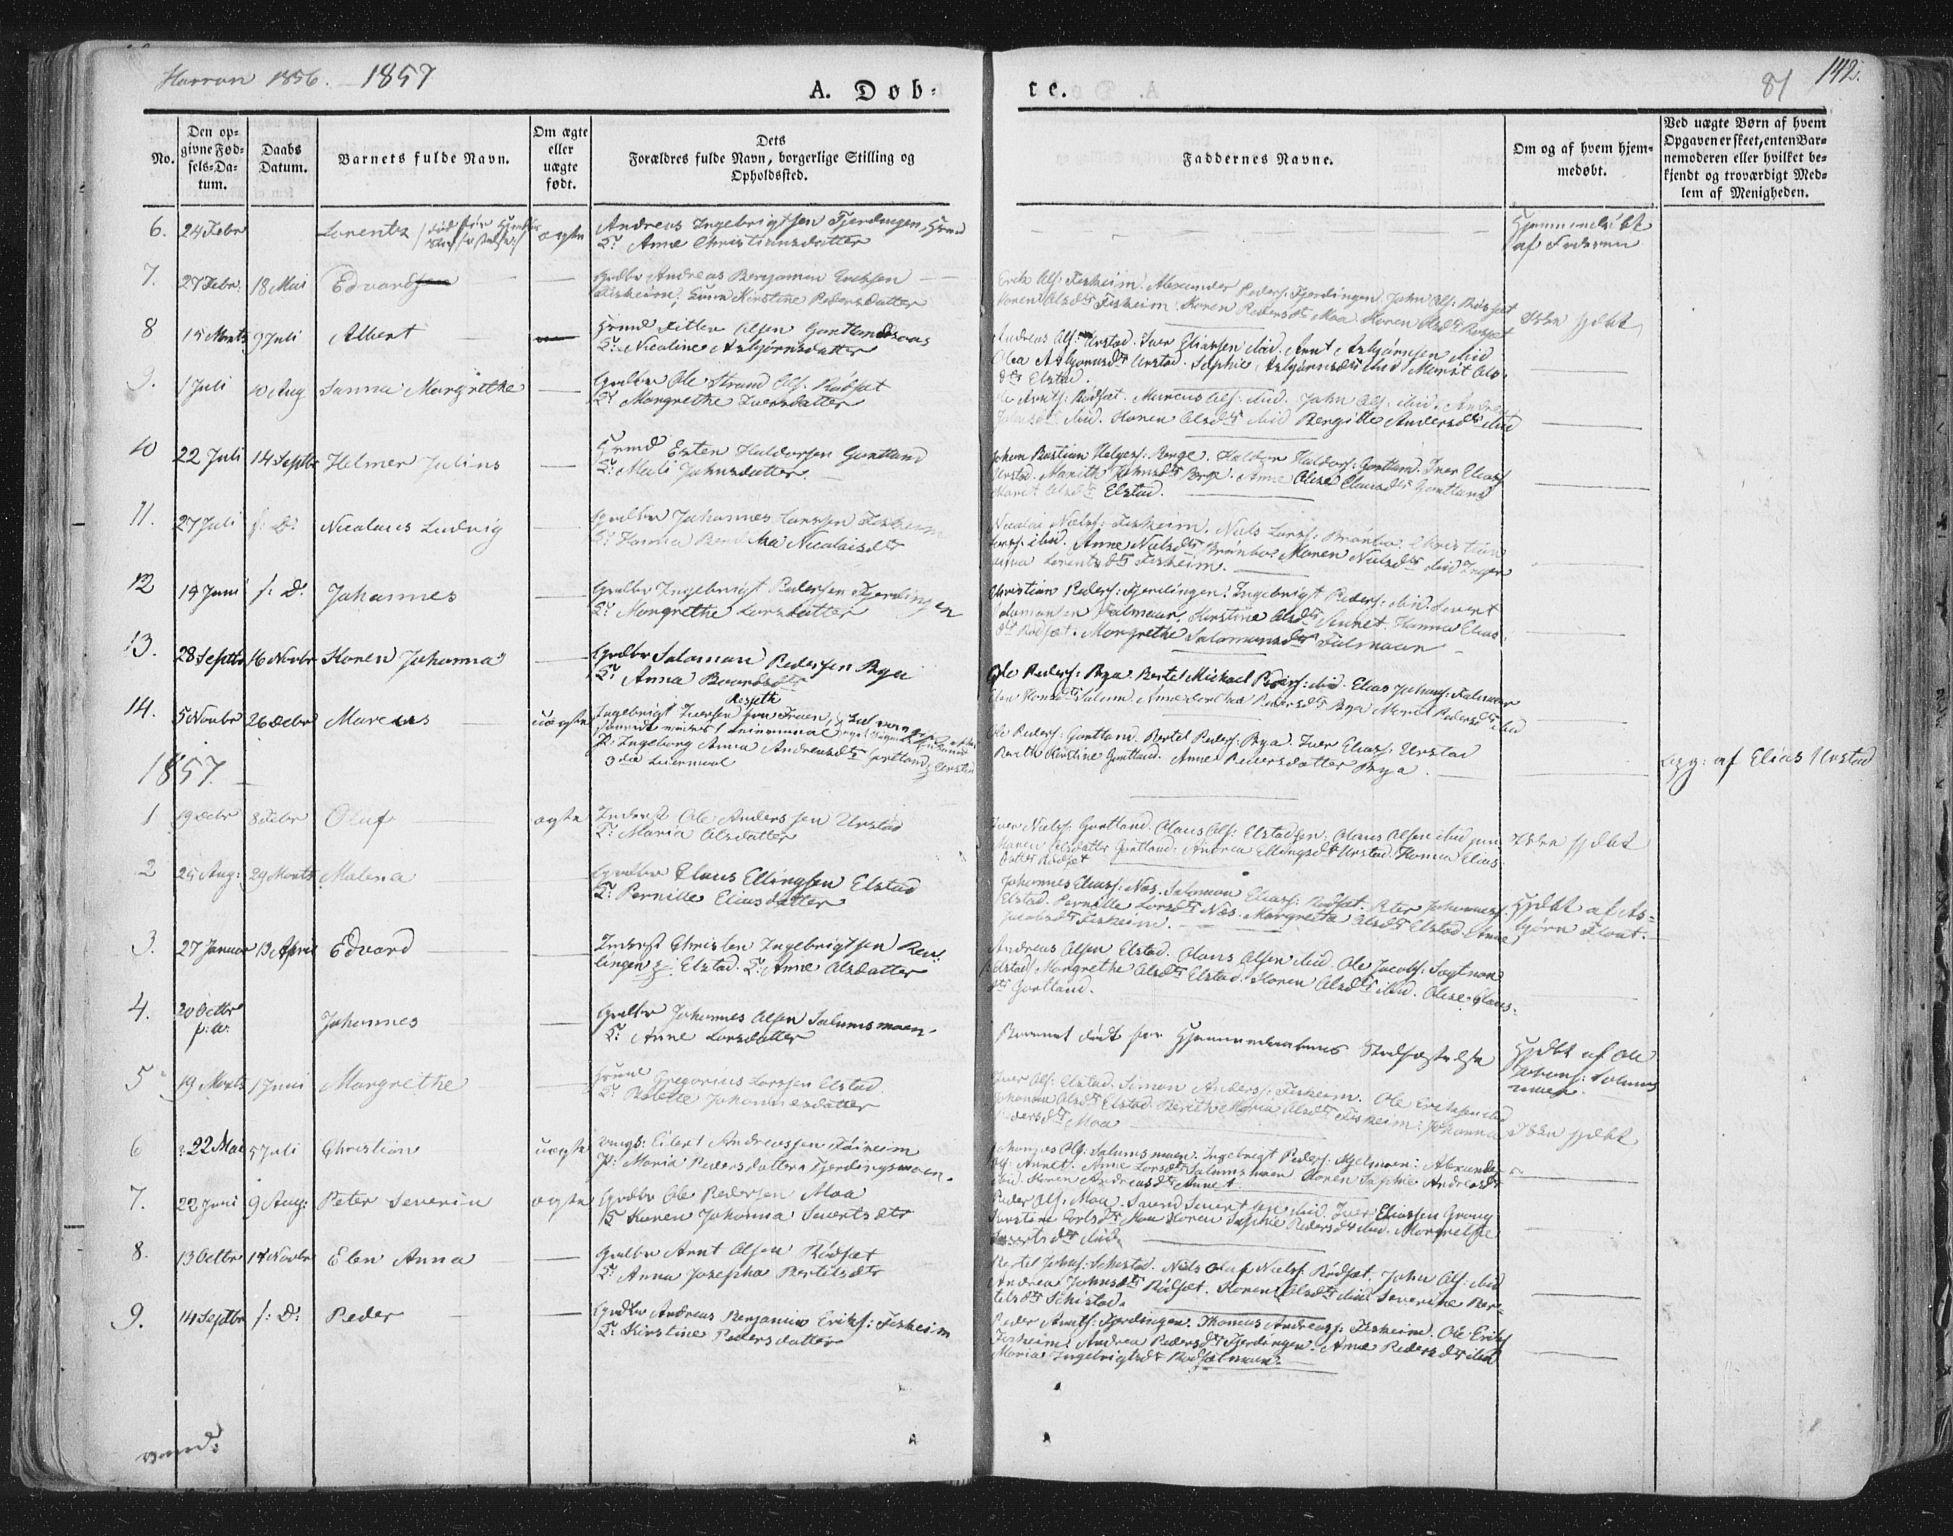 SAT, Ministerialprotokoller, klokkerbøker og fødselsregistre - Nord-Trøndelag, 758/L0513: Ministerialbok nr. 758A02 /3, 1839-1868, s. 81